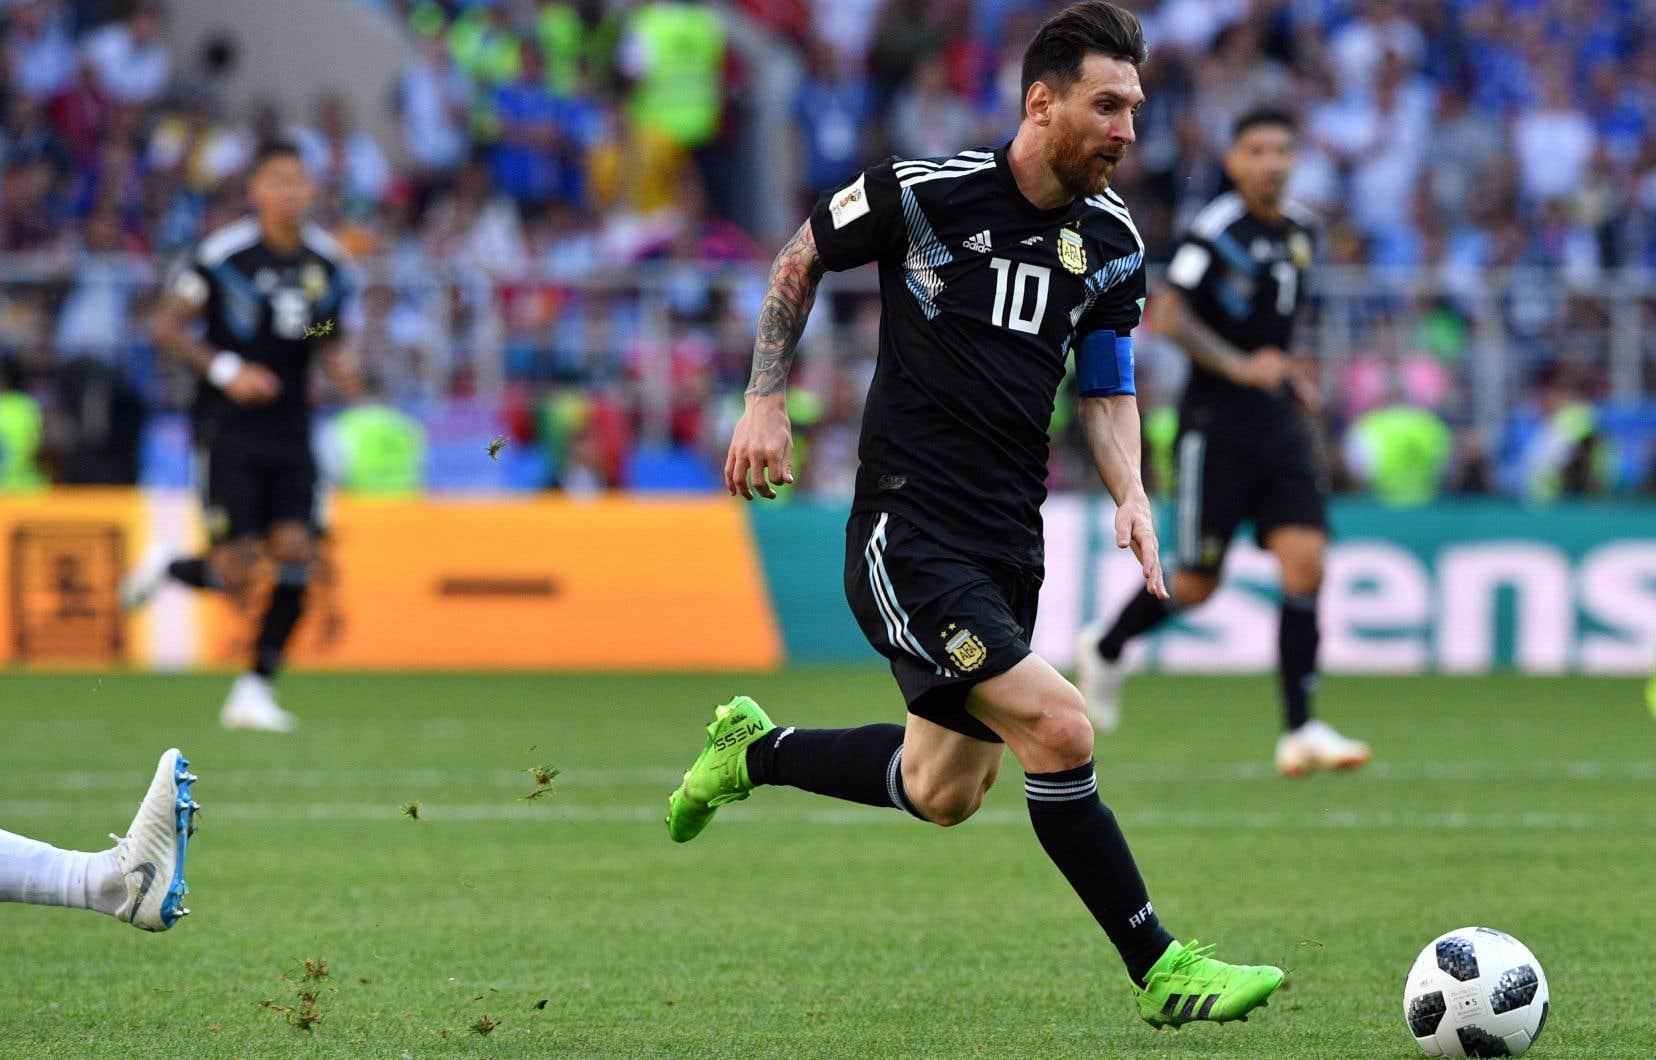 Lionel Messi a vu sa tentative repoussée par Hannes Halldorsson, le gardien islandais, à la 64e minute de la rencontre face à l'Islande.